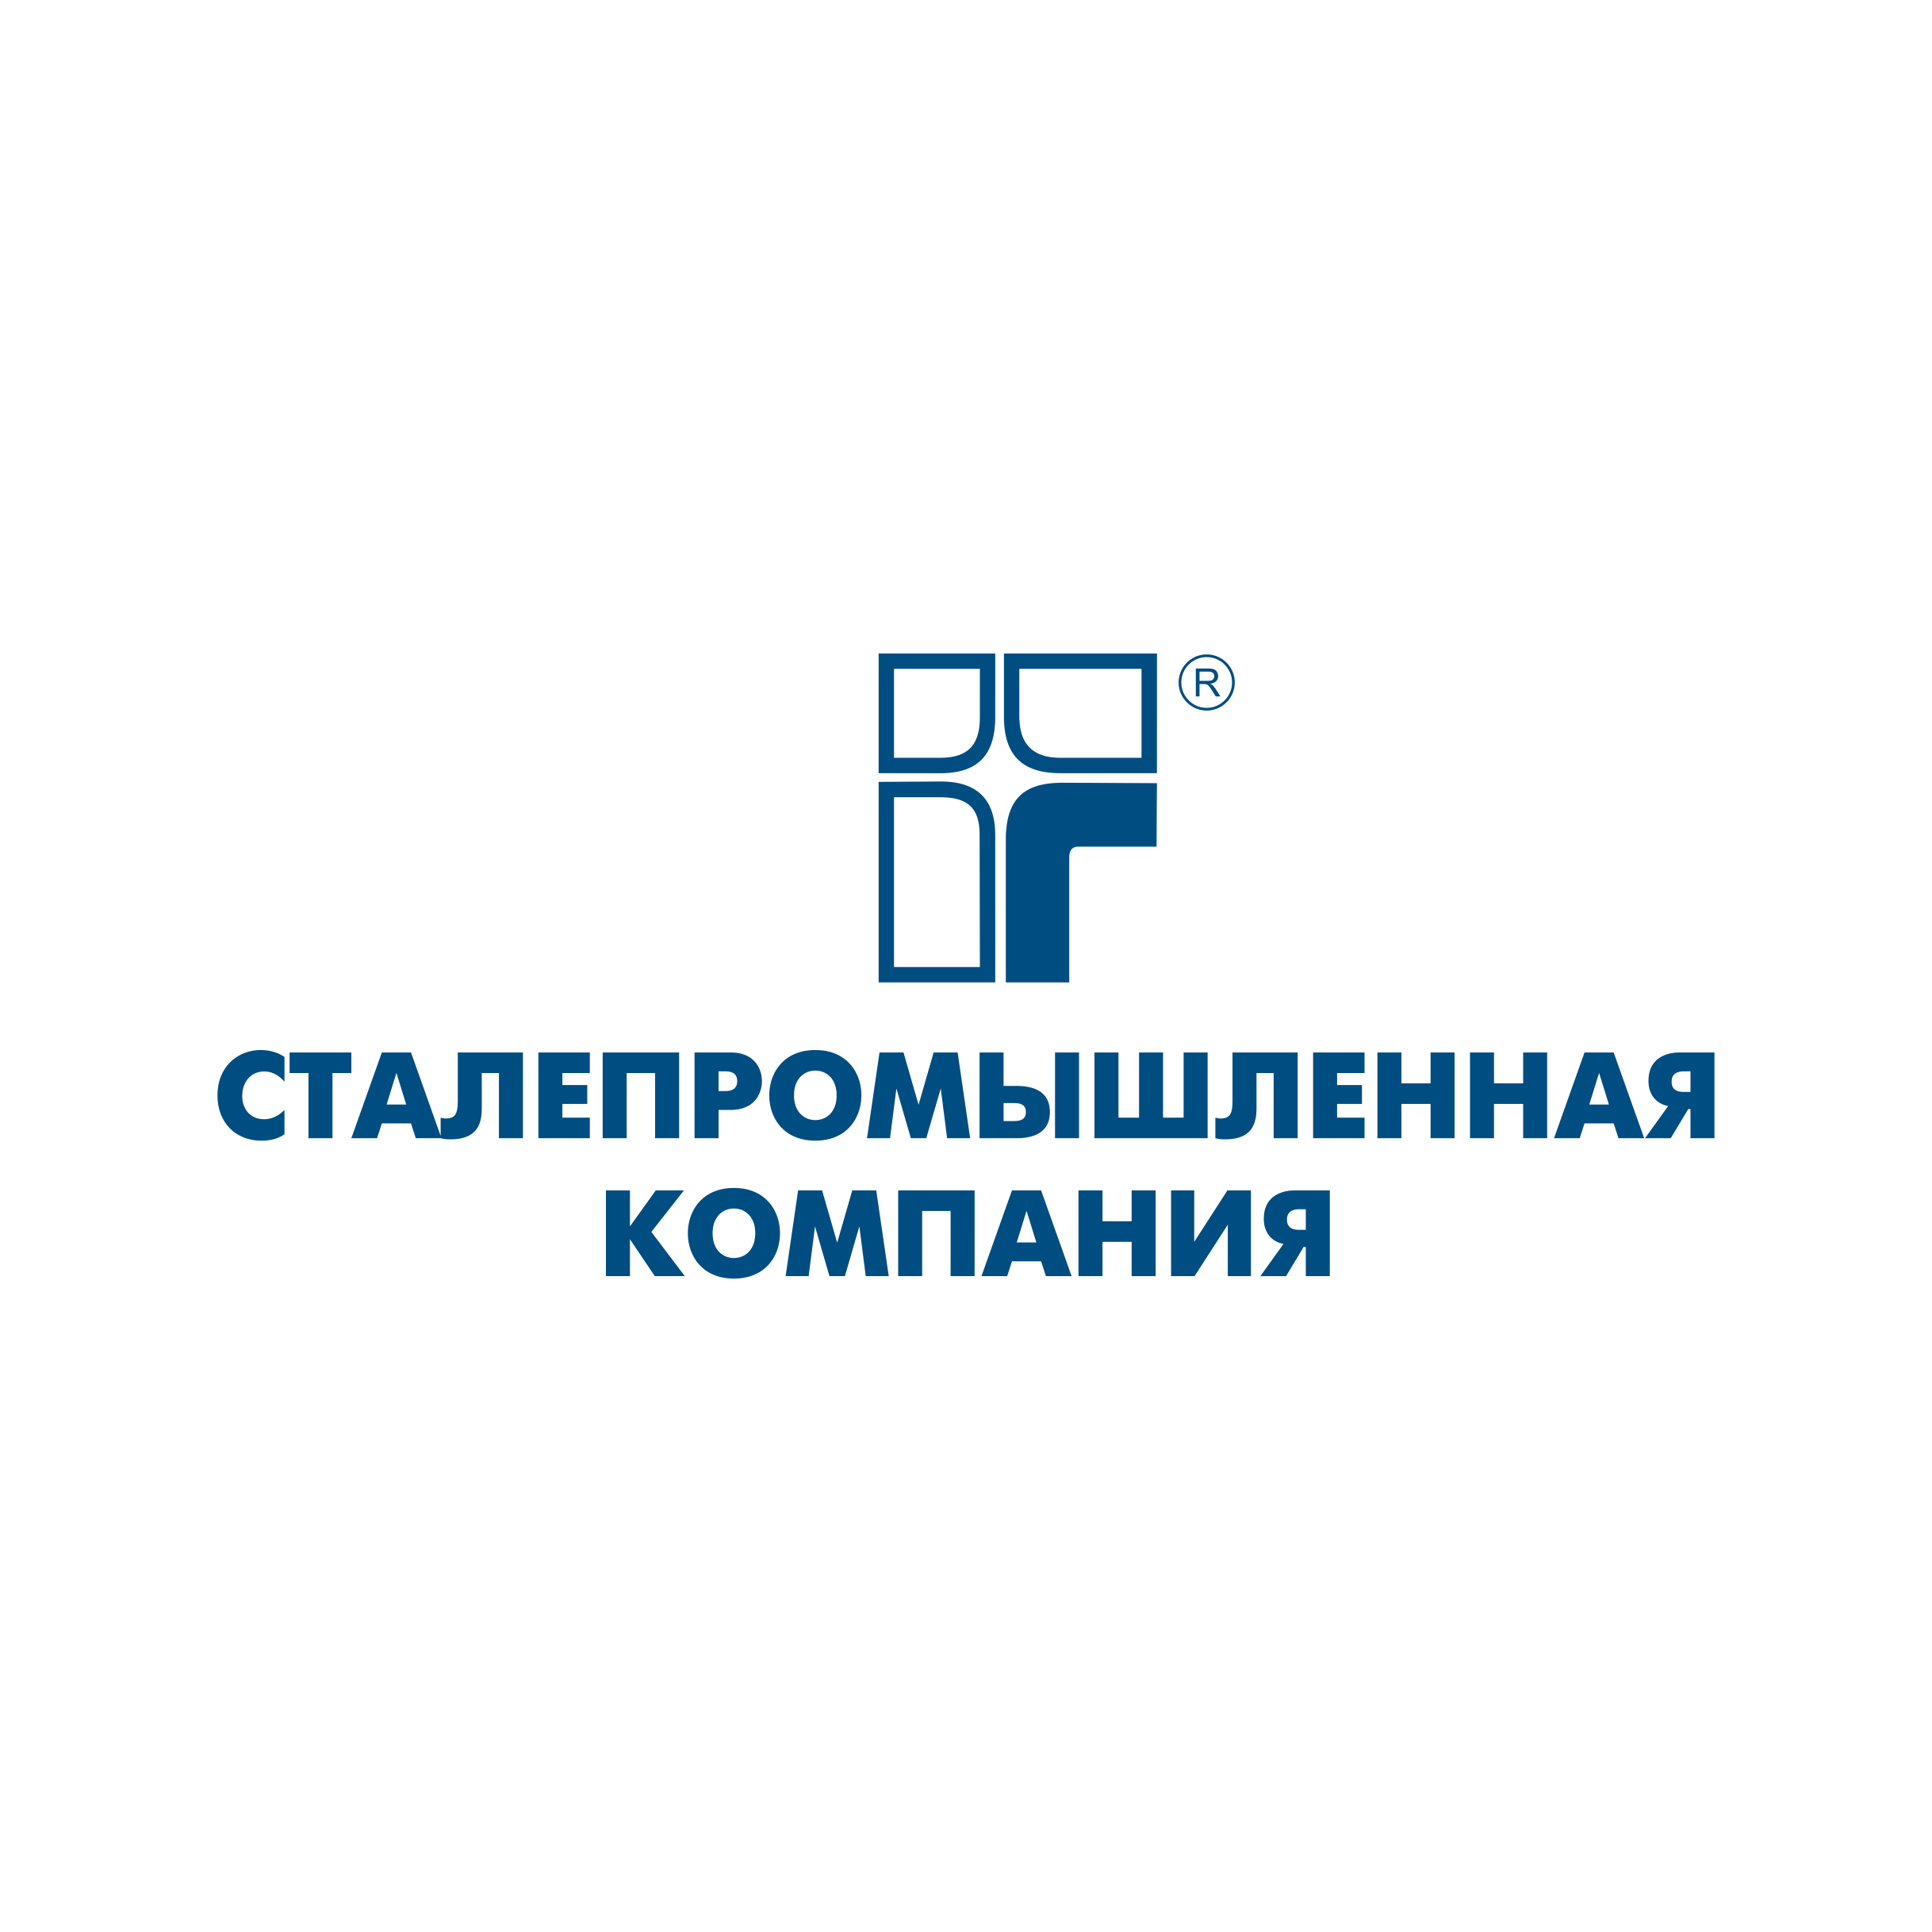 Сталепромышленная компания екатеринбург официальный сайт цены официальный сайт компании bbk